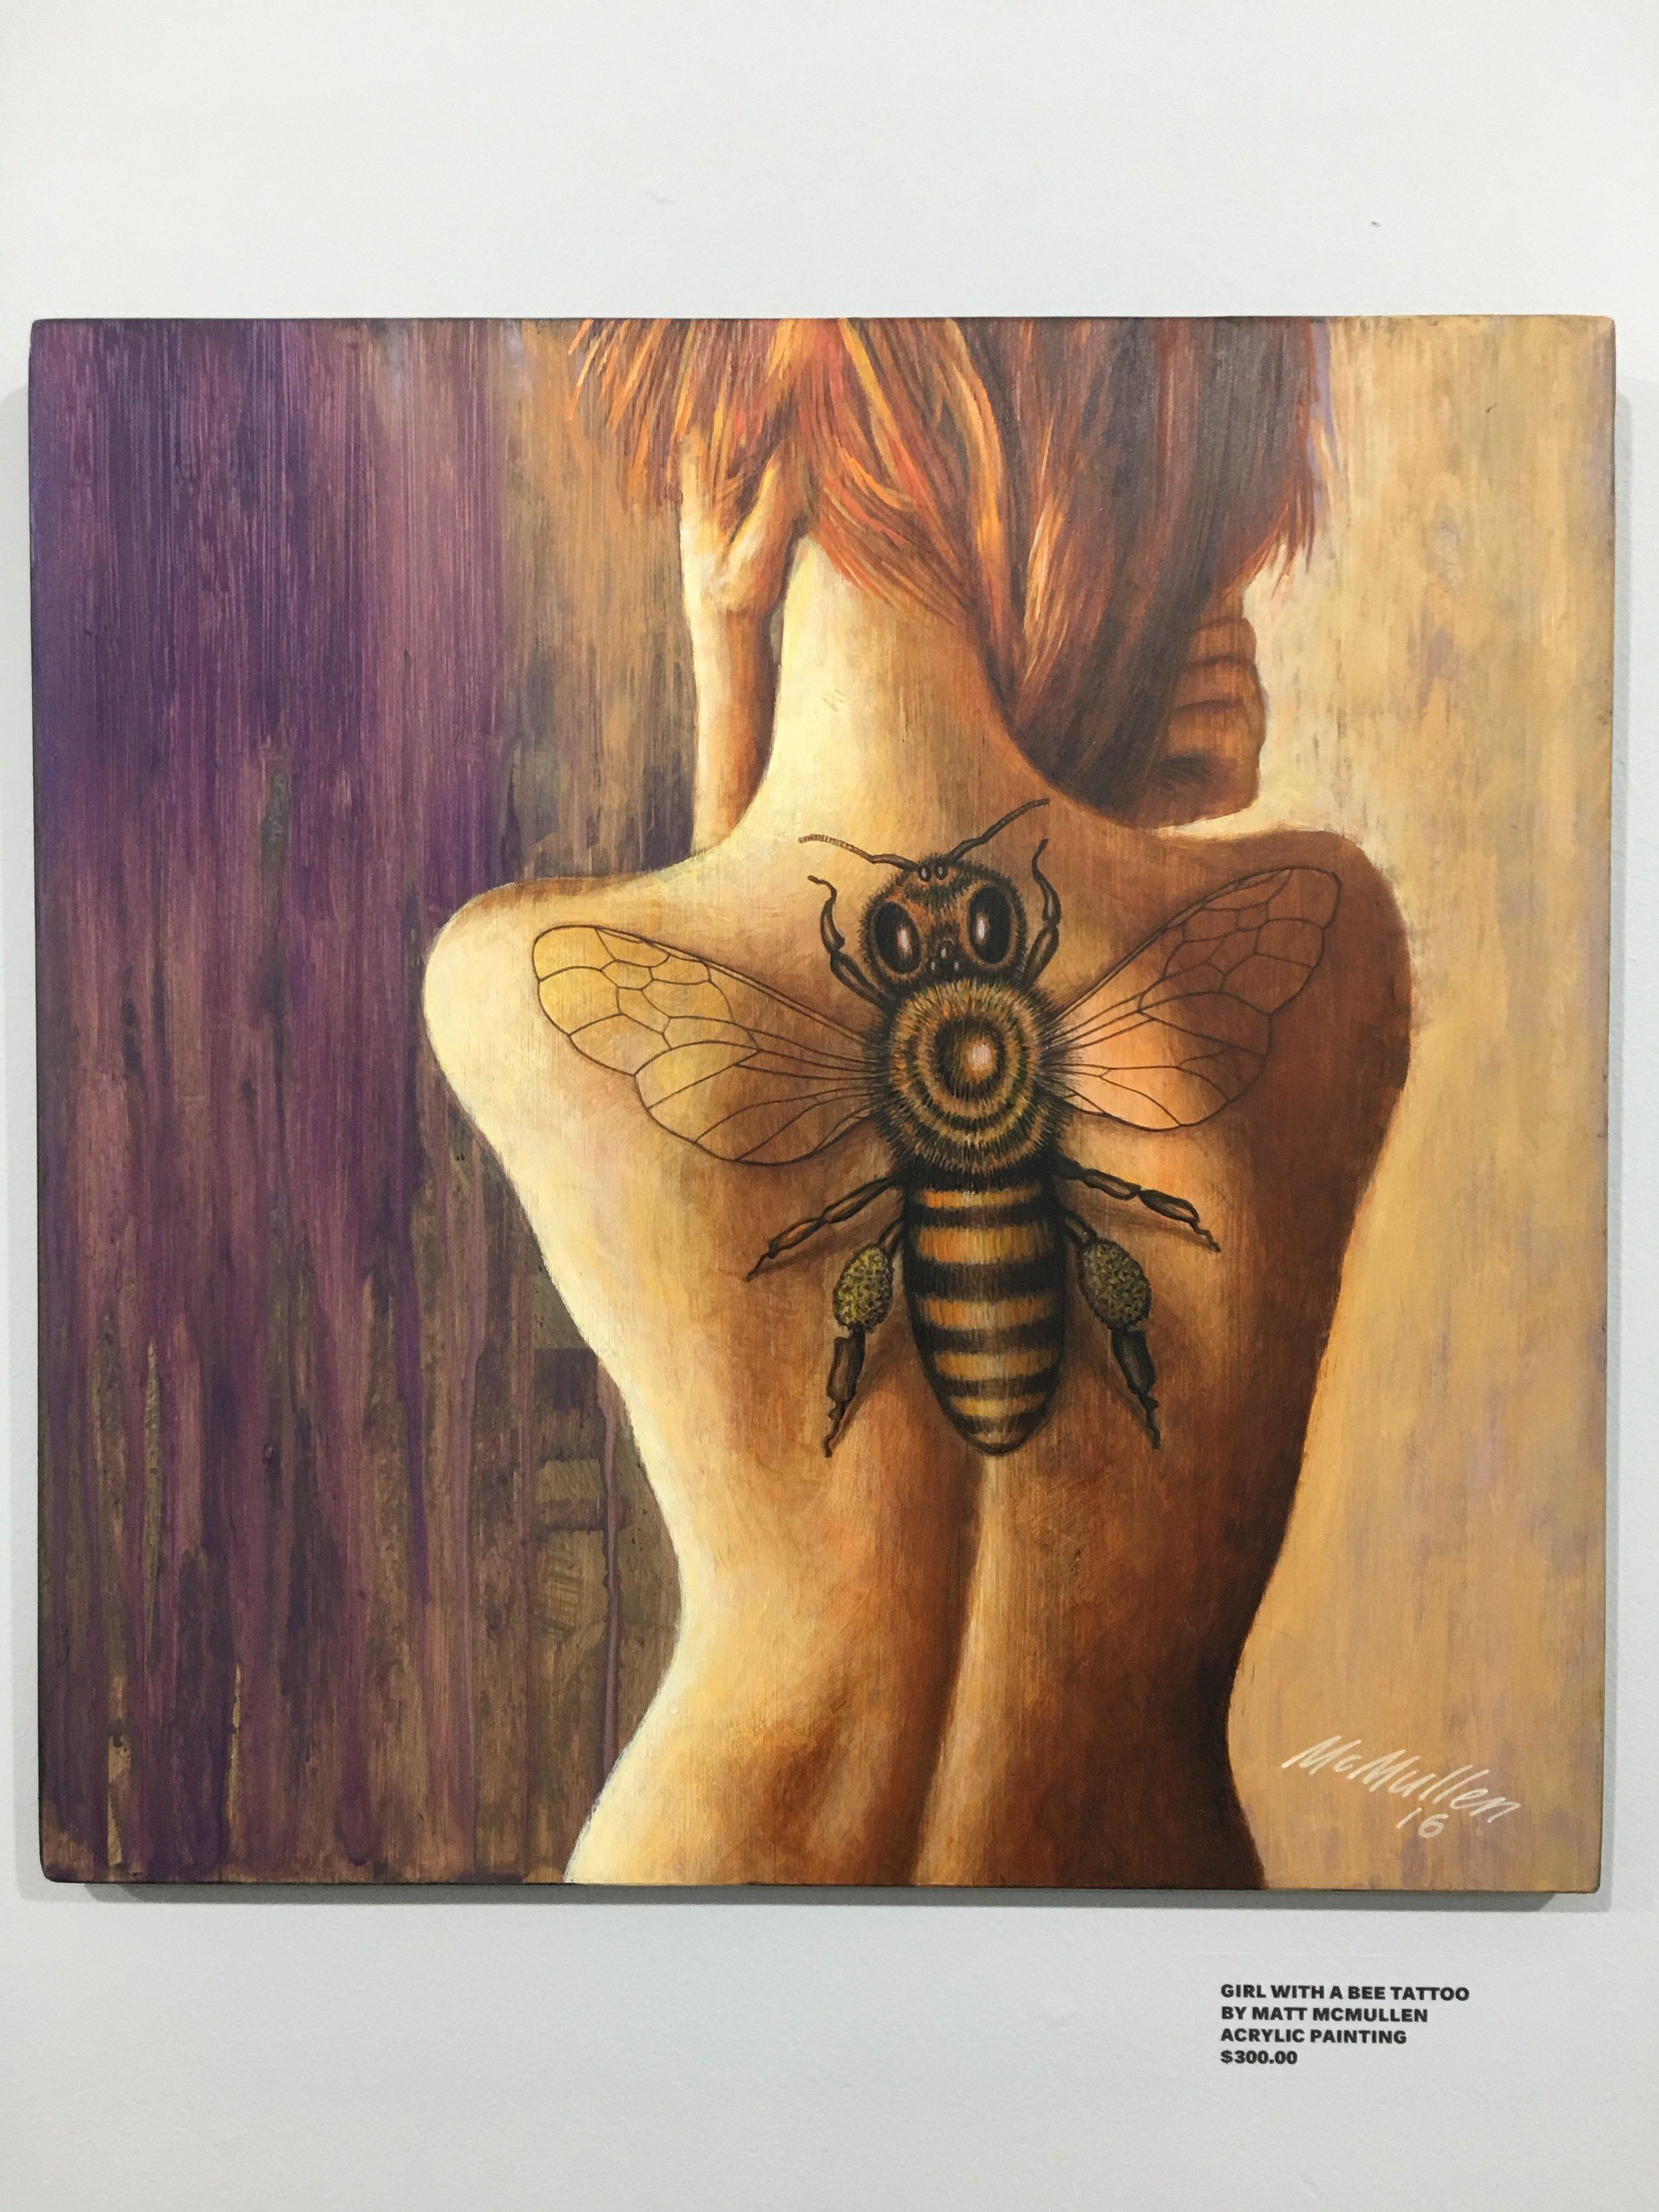 GIRL W/THE BEE TATTOO $250